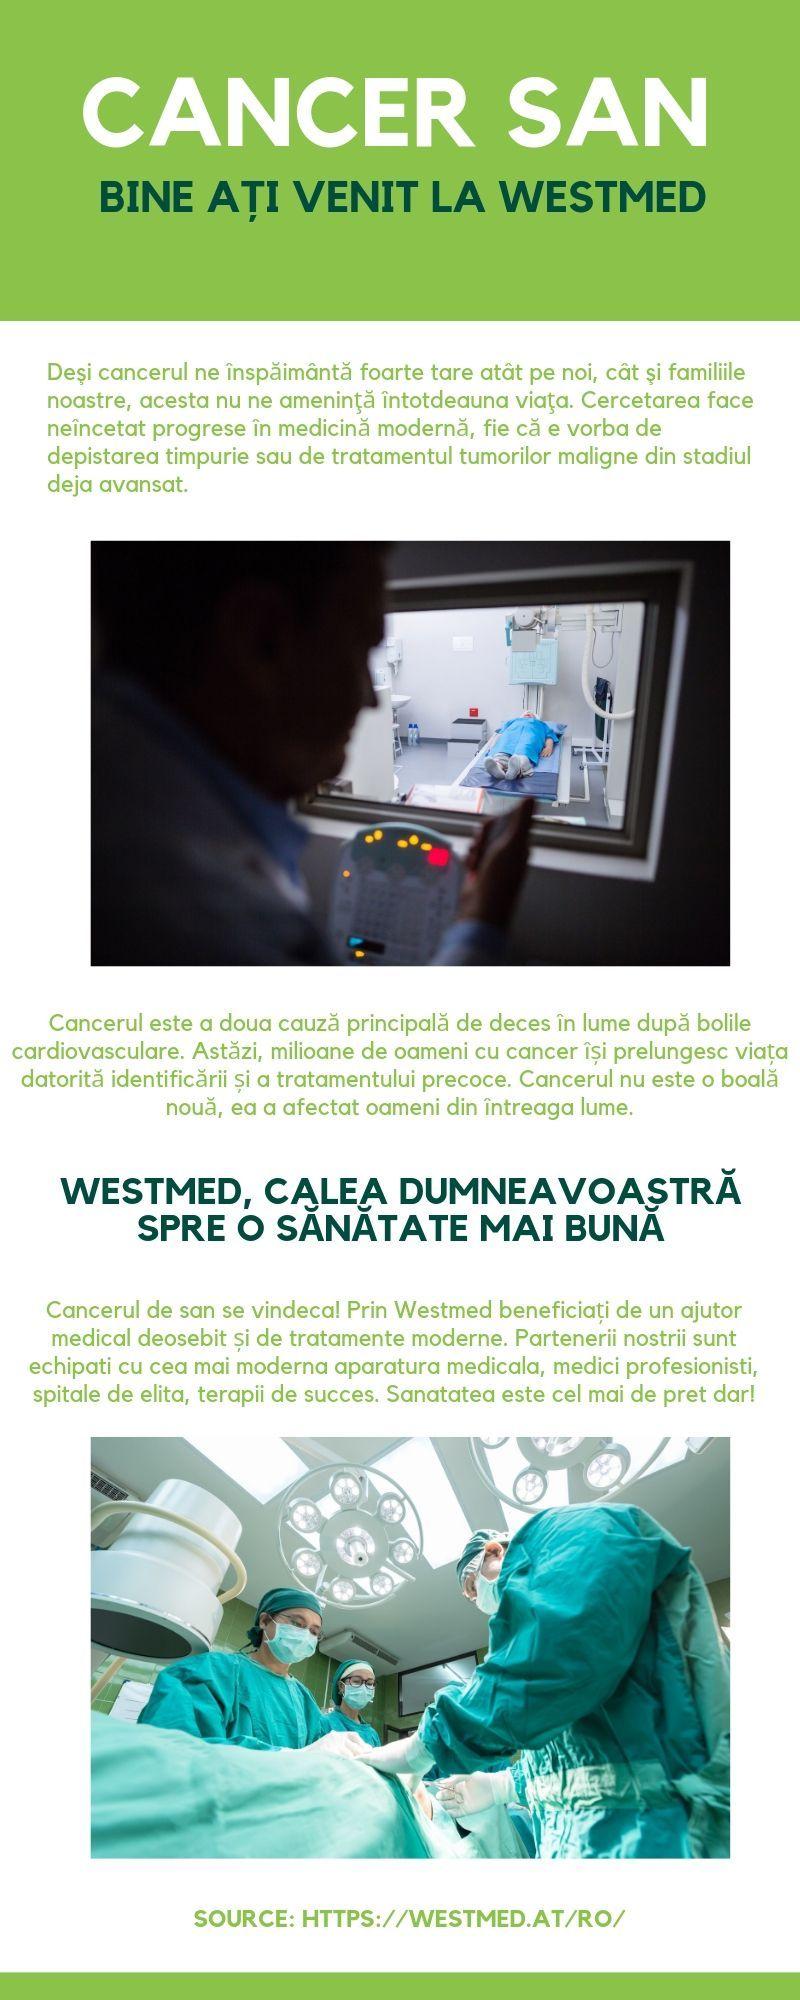 Vindecarea cancerului de sân este posibilă. Aflaţi cum la Adevărul Live | leacurinaturiste.ro